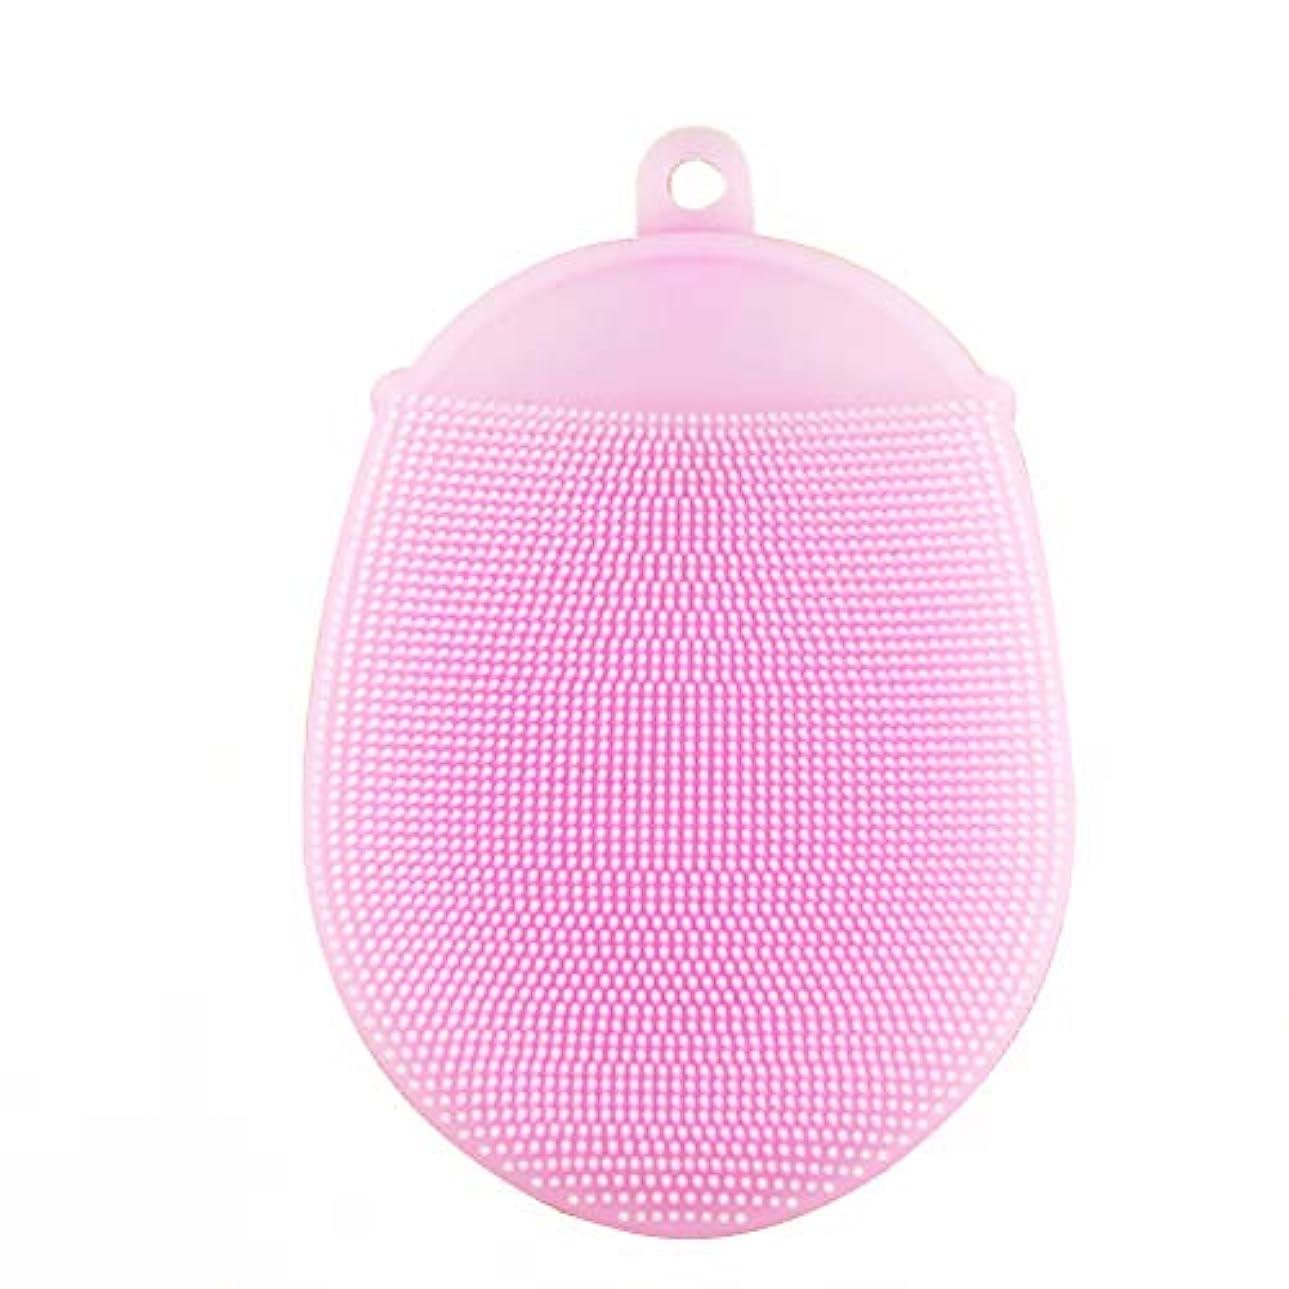 アマチュアバレーボール民主党Healifty シリコン 入浴ブラシ 抗菌 シャワースクラバー 洗顔パッド 2本入 (ピンク)